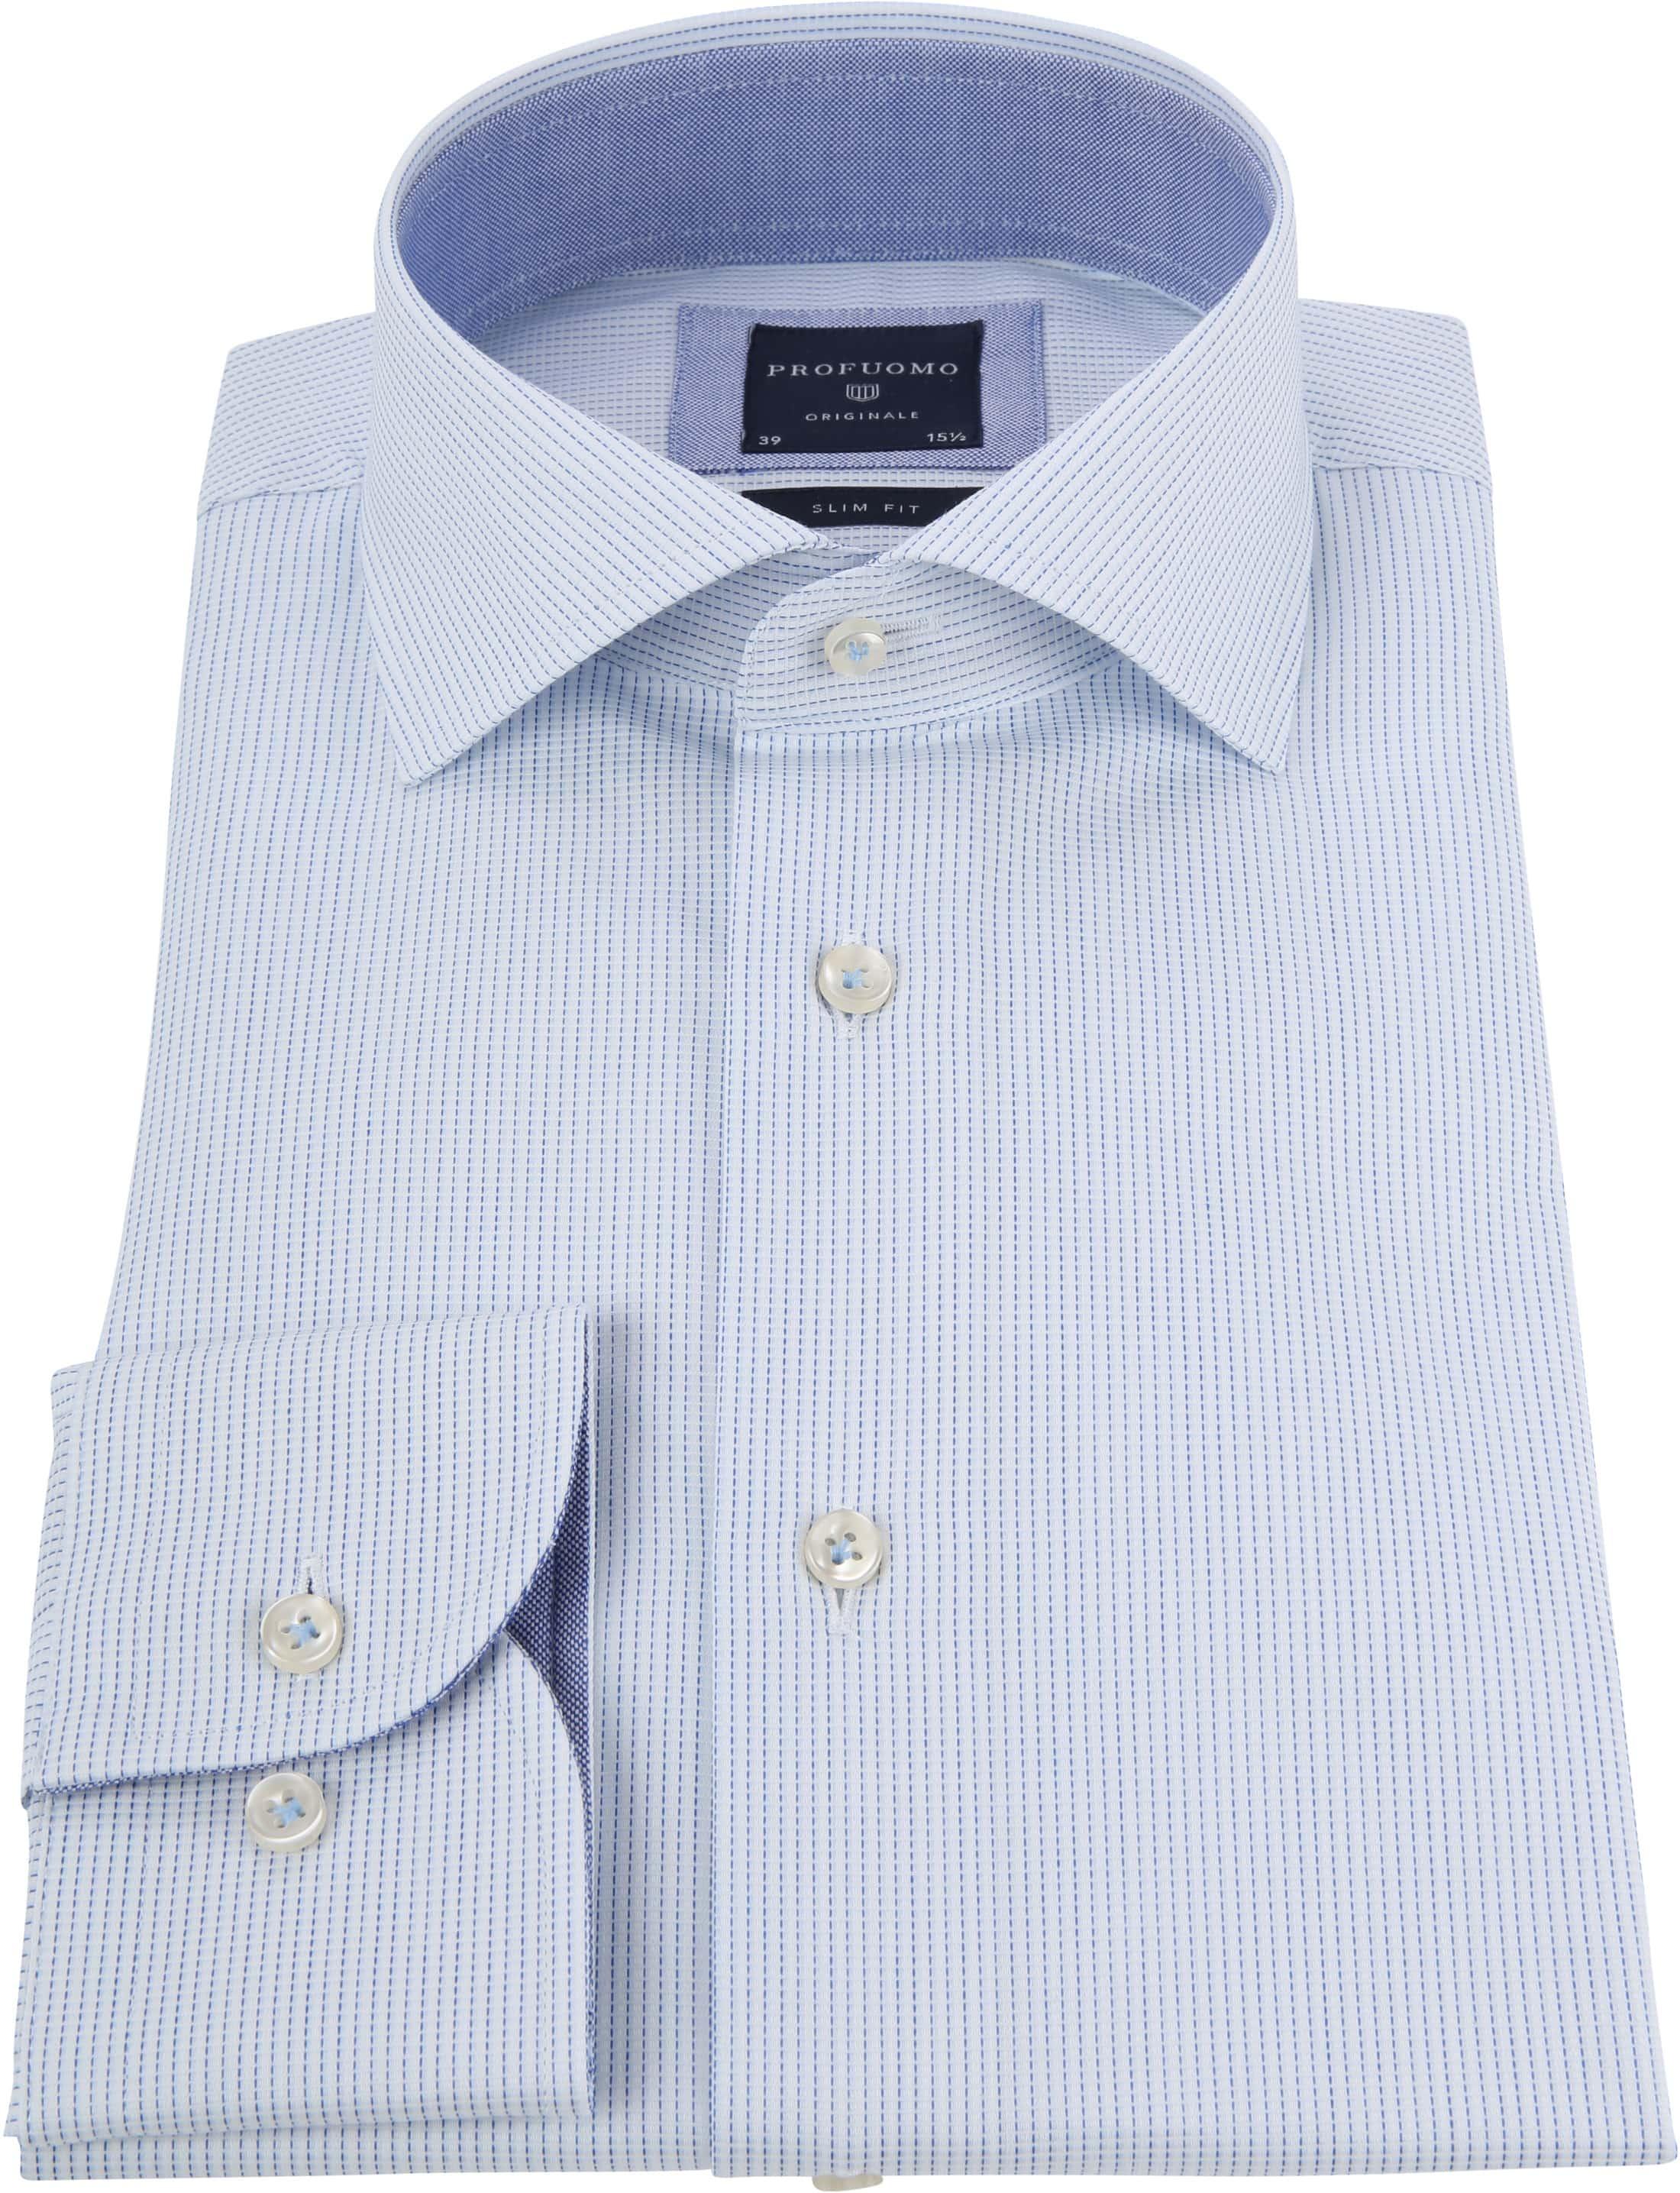 Profuomo Shirt CAW Light Blue Dessin foto 3